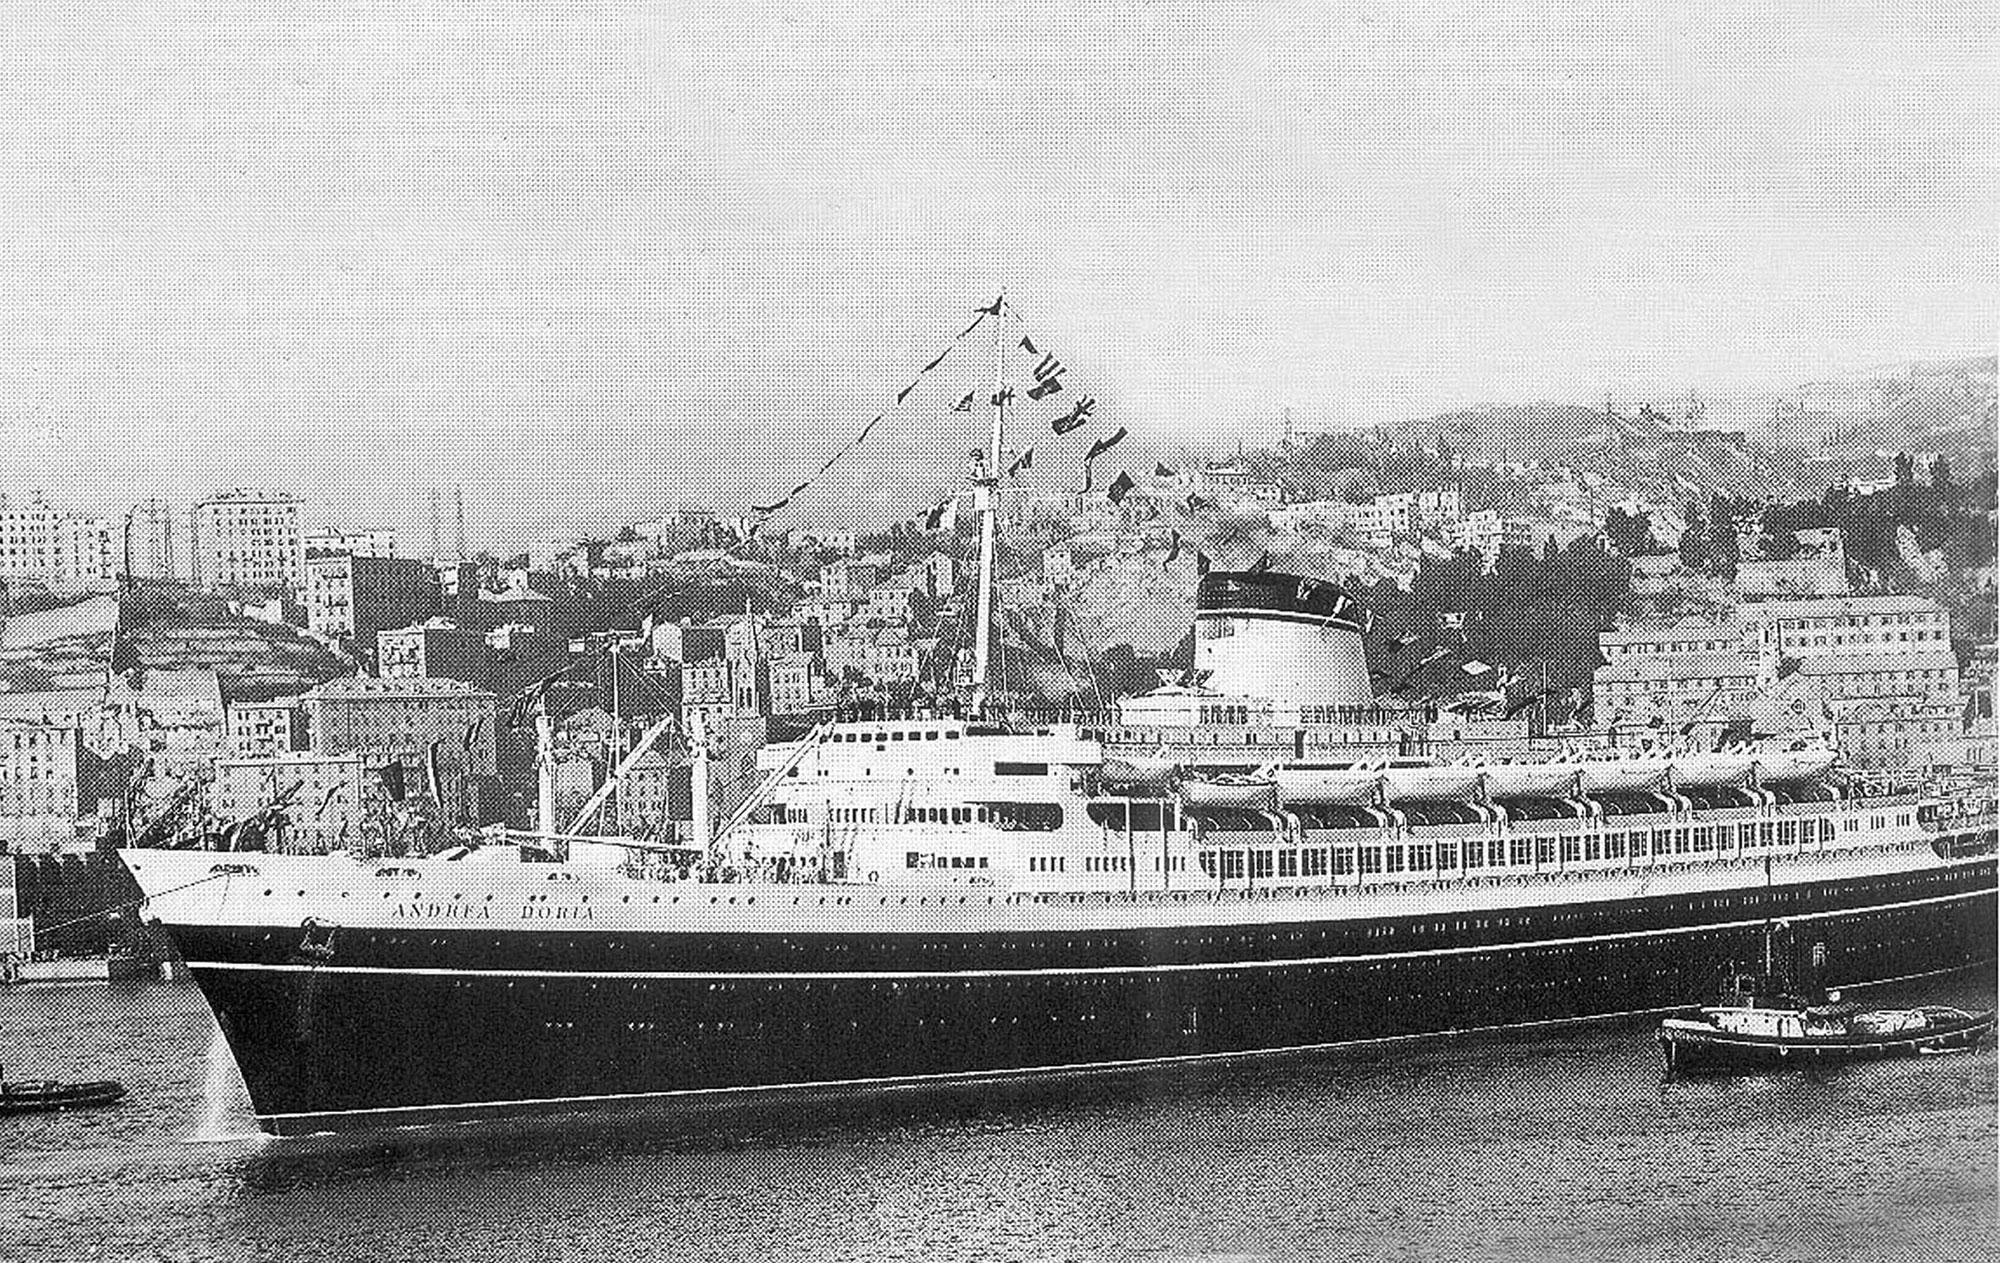 1947-1956-Andrea-Doria